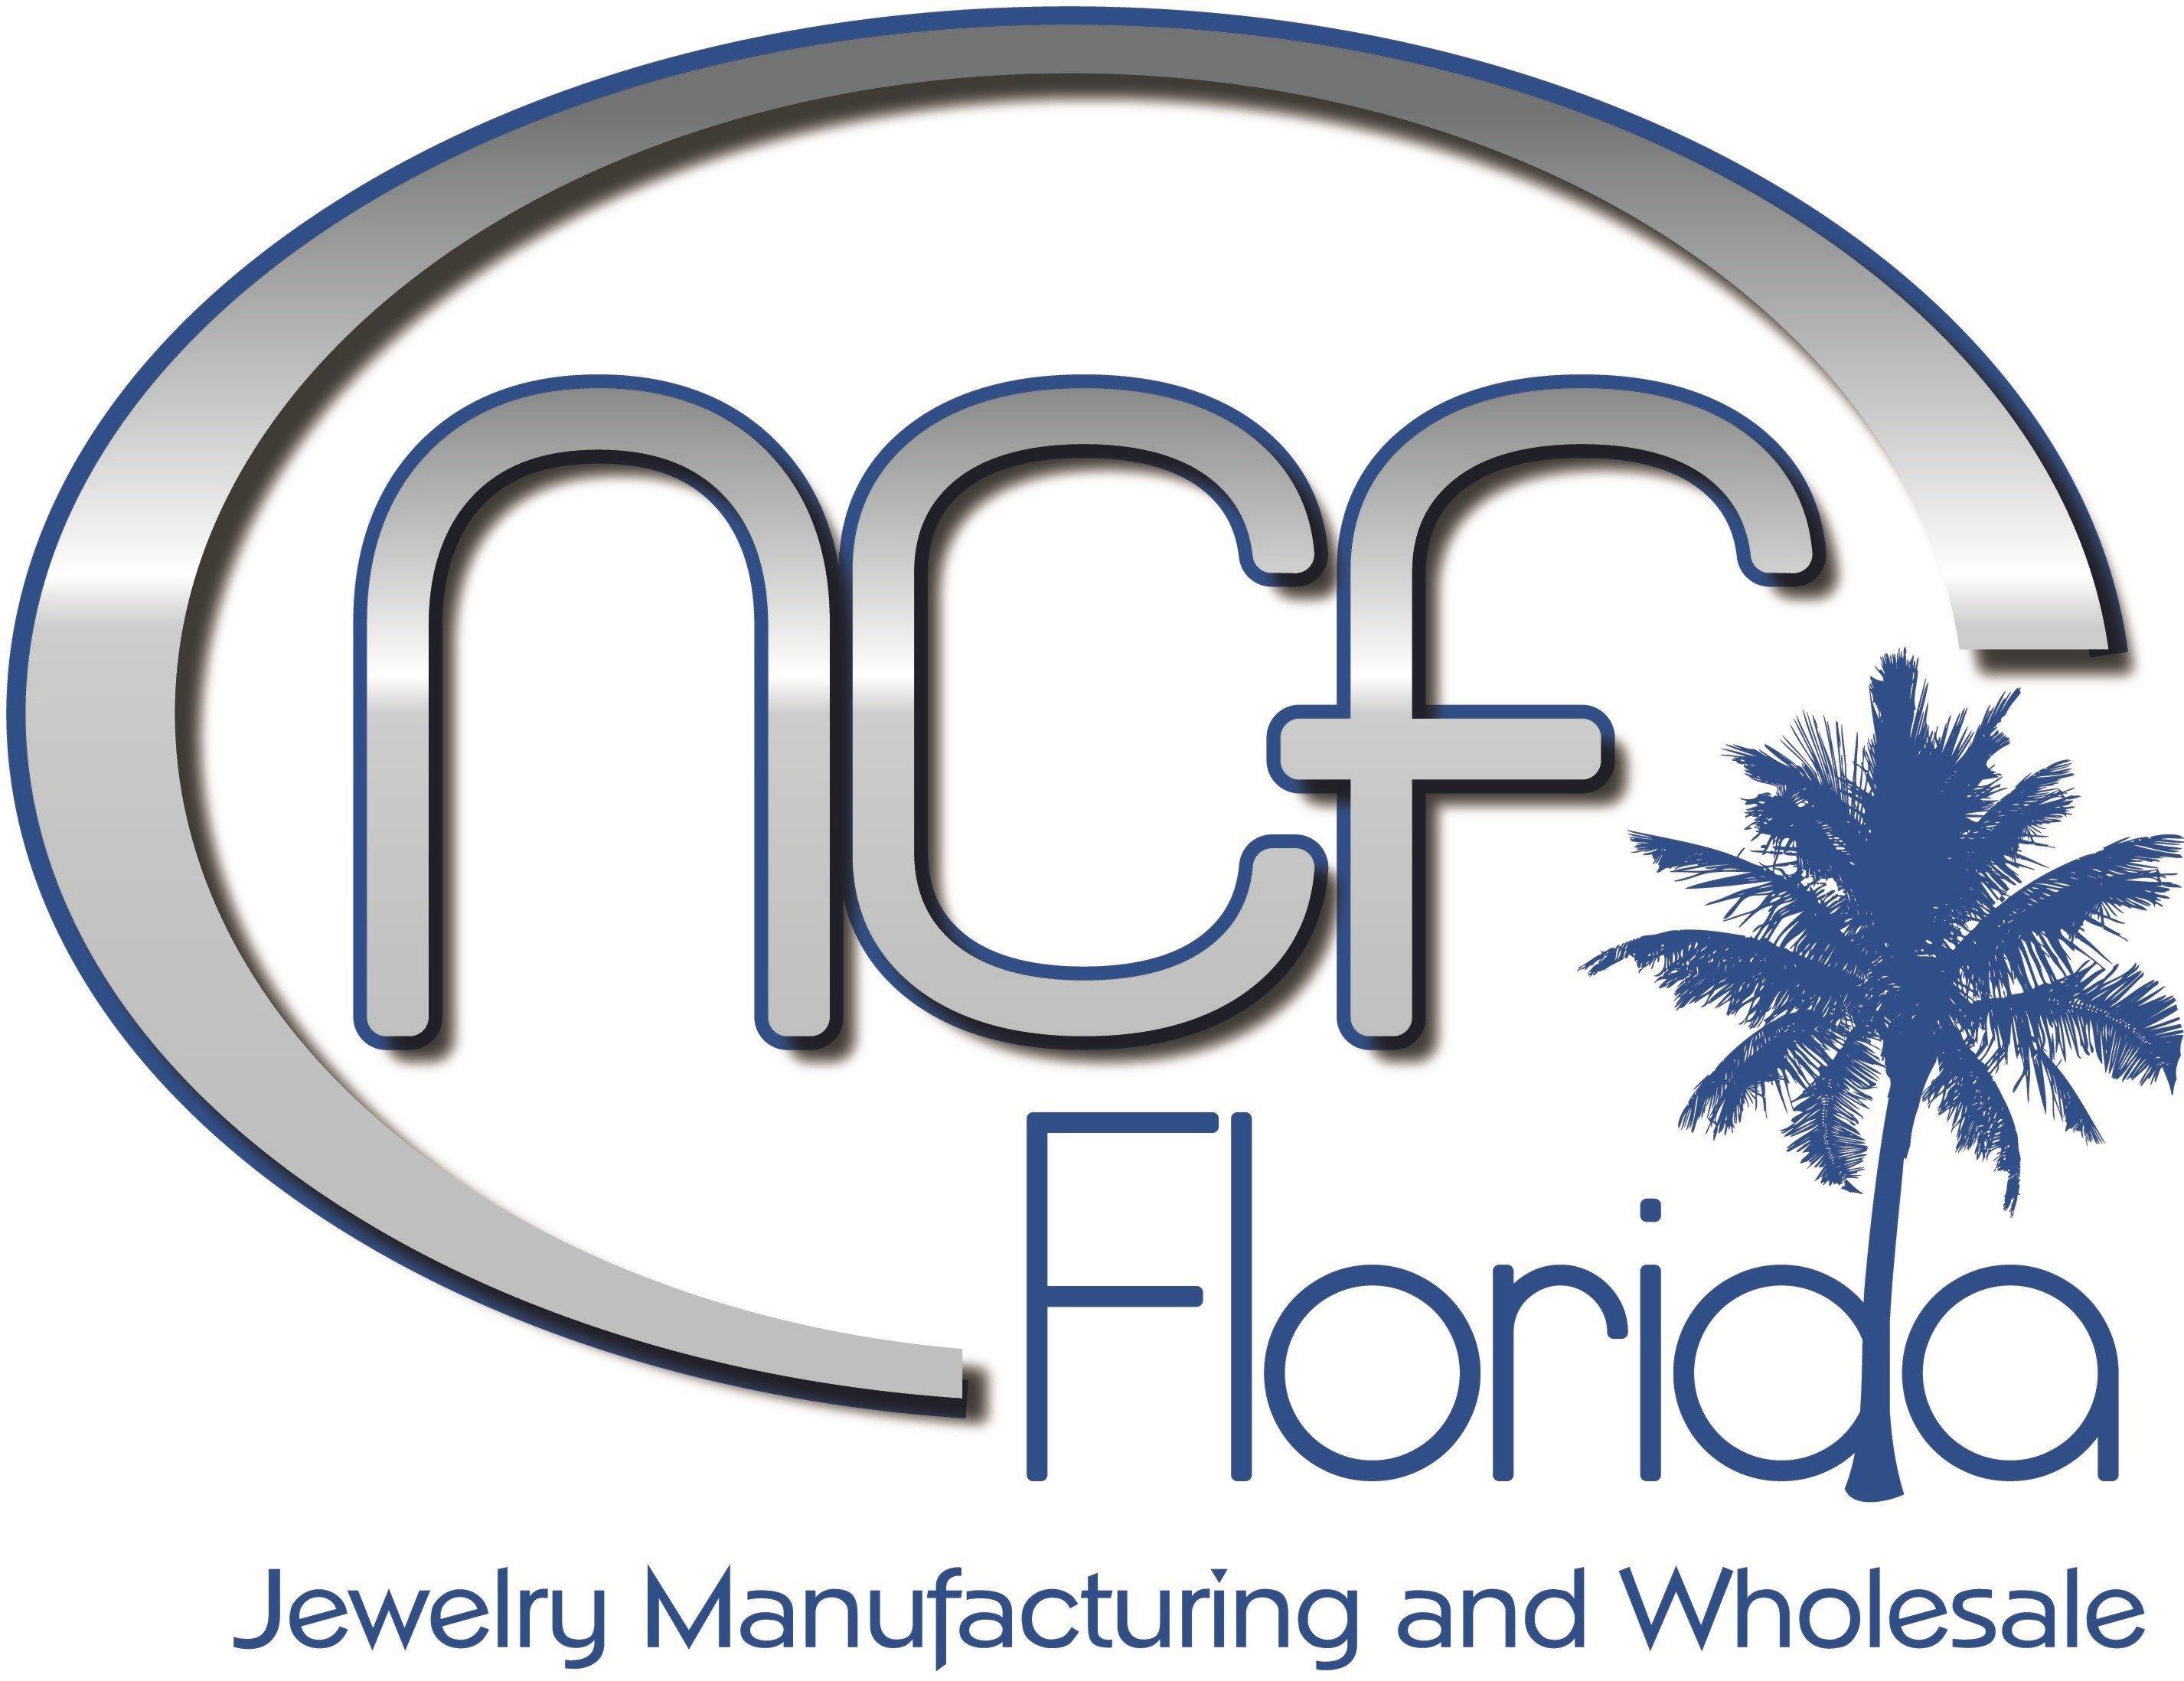 NCF Florida